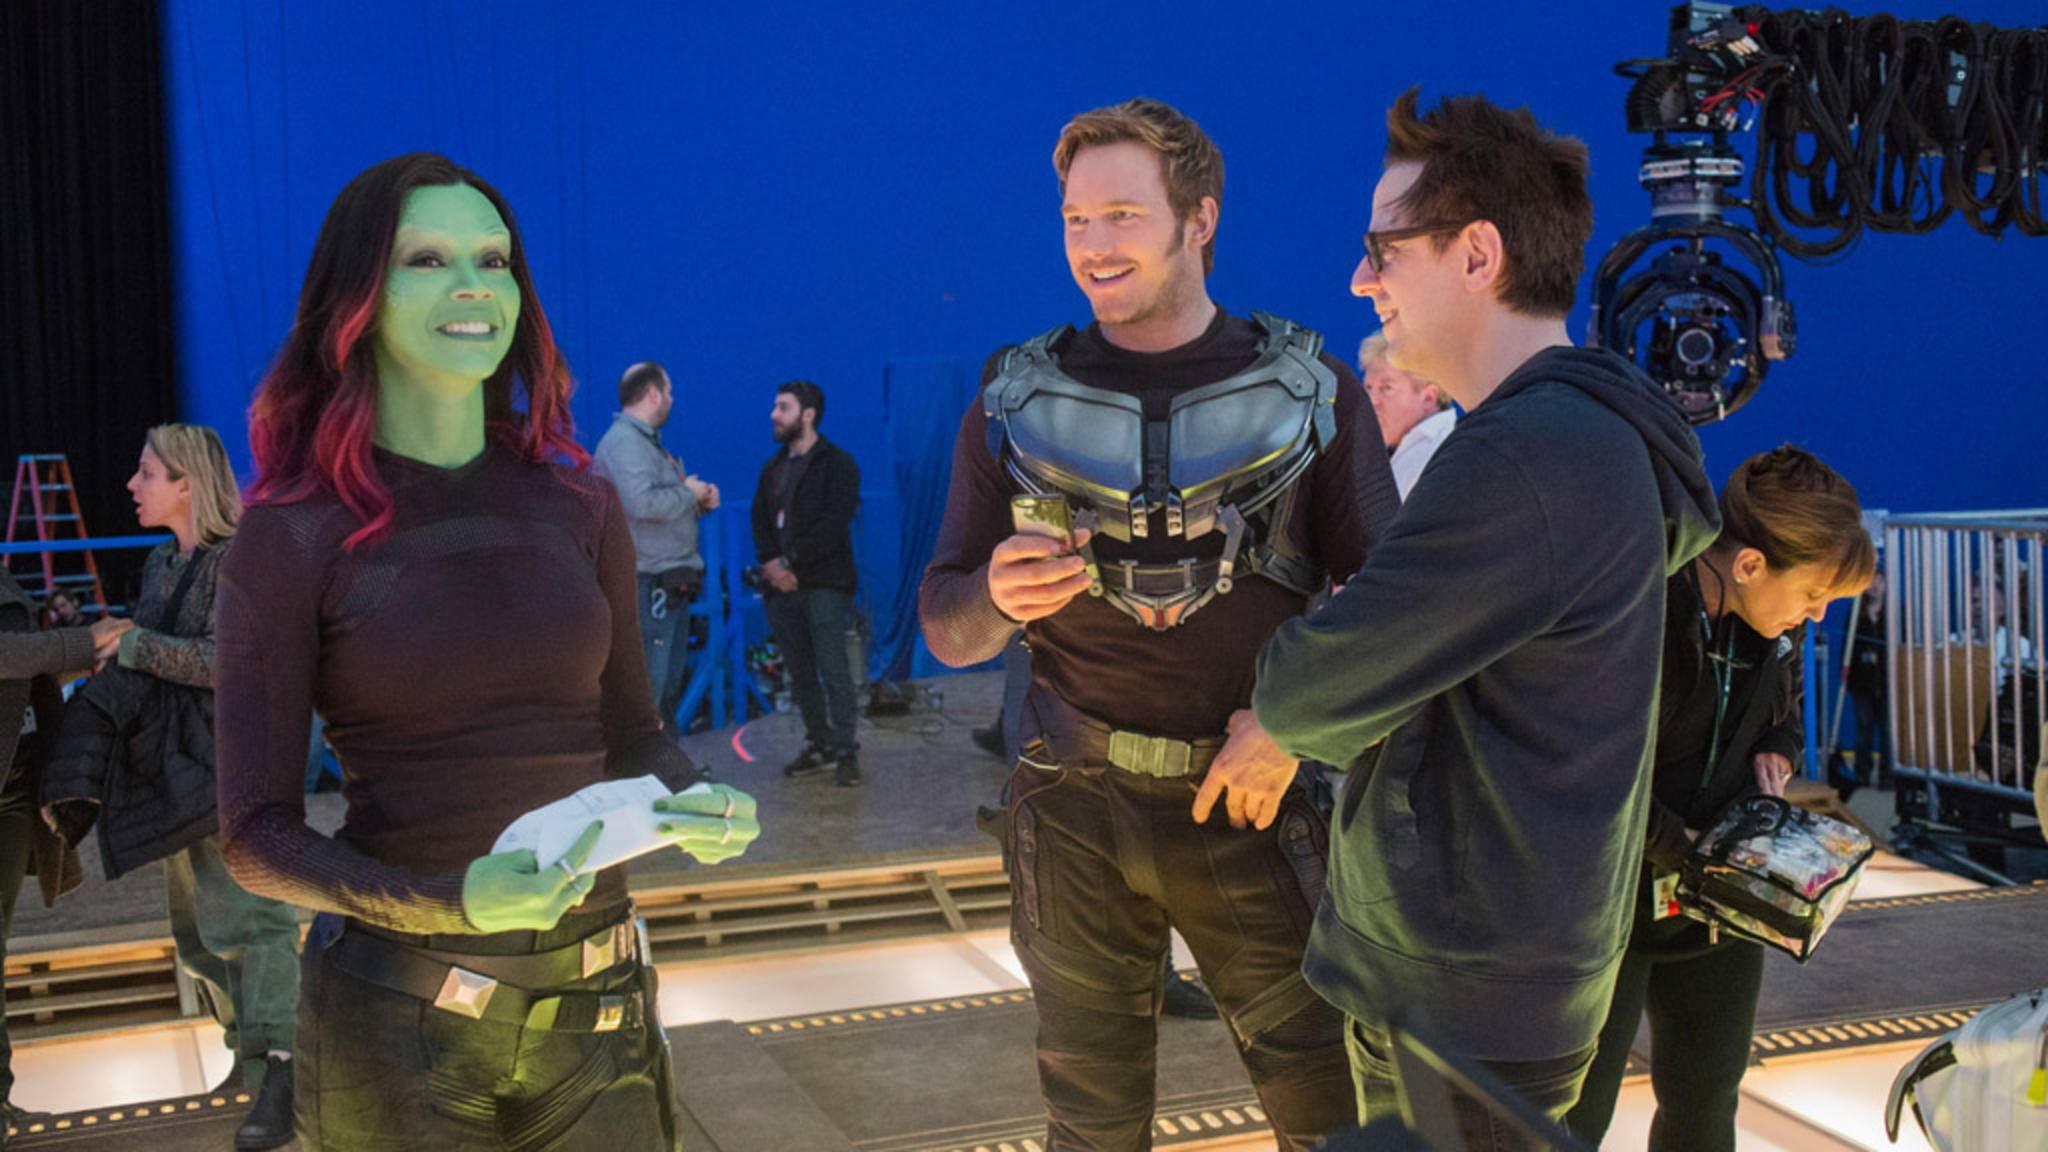 """Große Teile der """"Guardians of the Galaxy""""-Filme wurden vor einem Bluescreen gedreht. Ein Greenscreen wäre in diesem Fall auch suboptimal gewesen ..."""